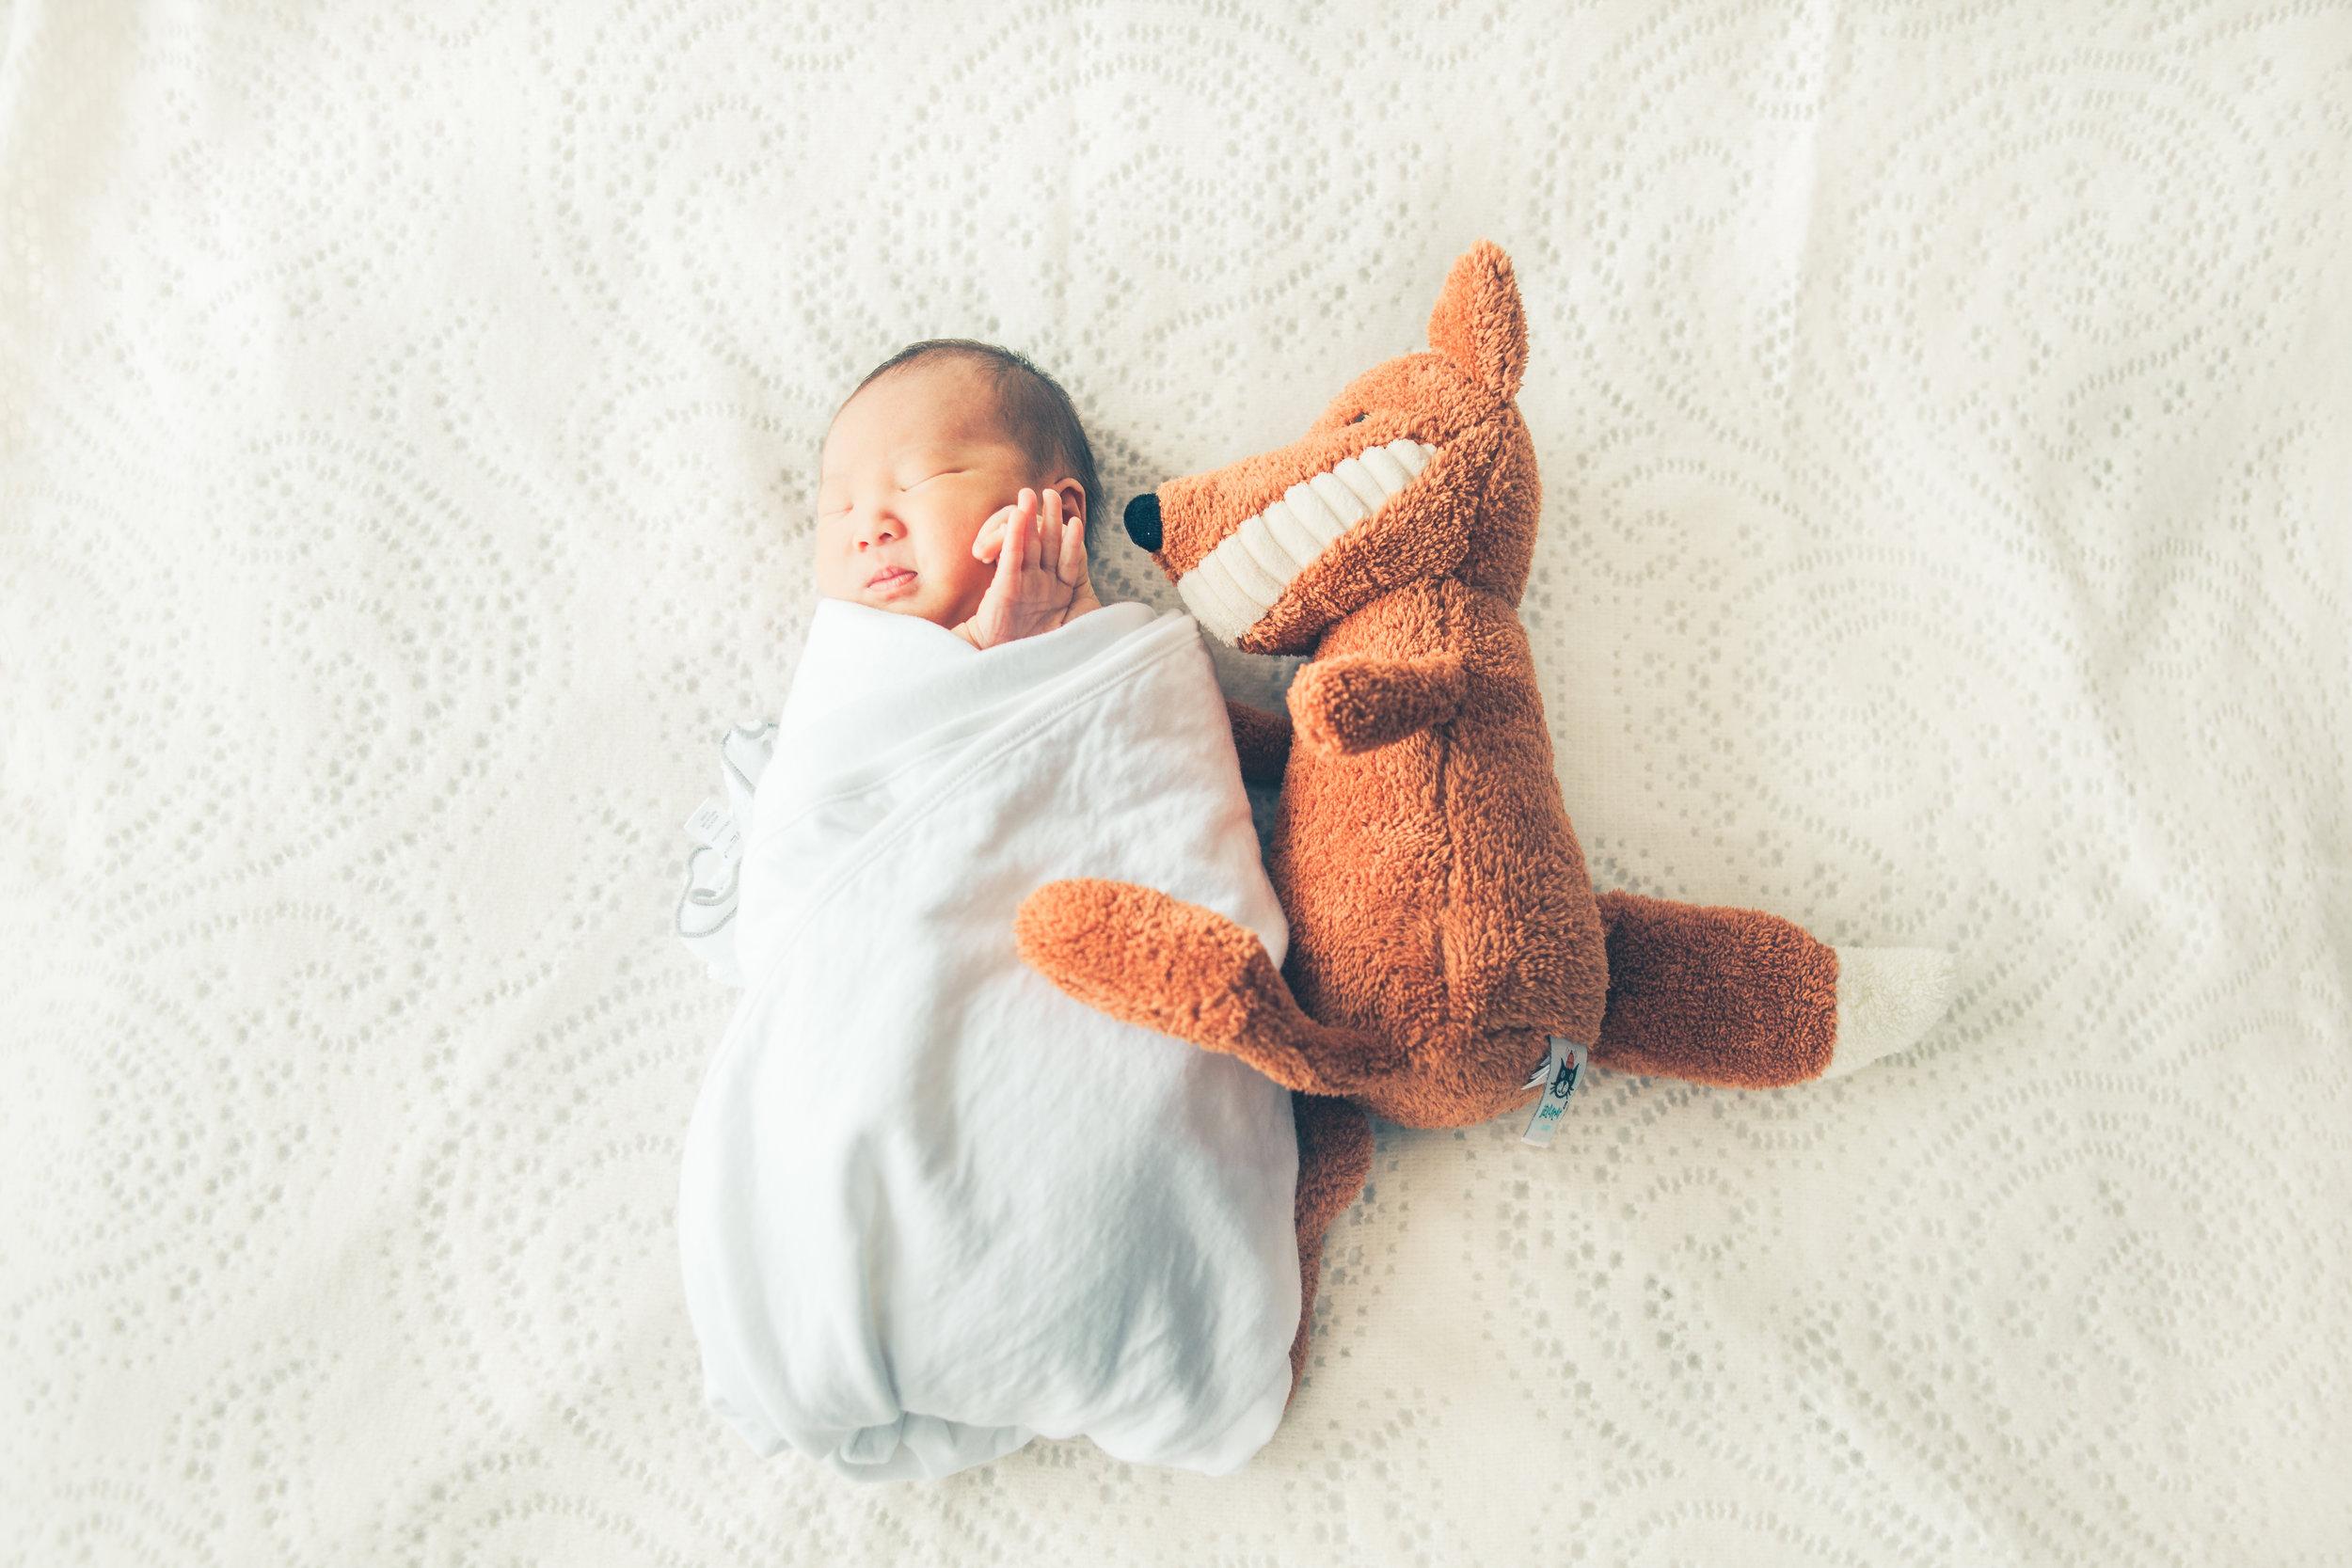 XiaoHou Newborn-009.jpg